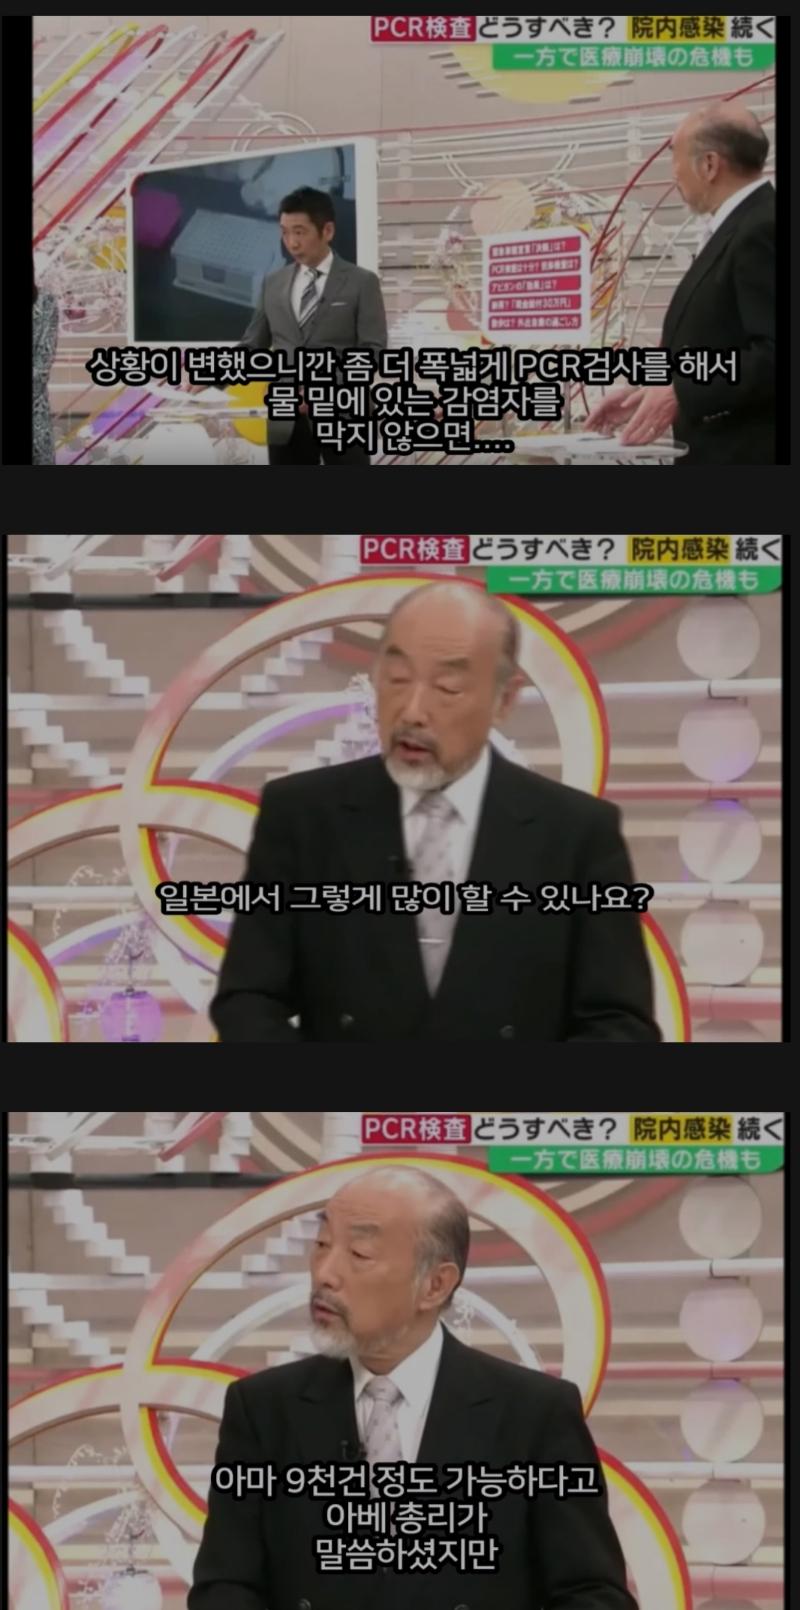 일본 방송에서 결국 한국에 부탁하자는 이야기 나옴